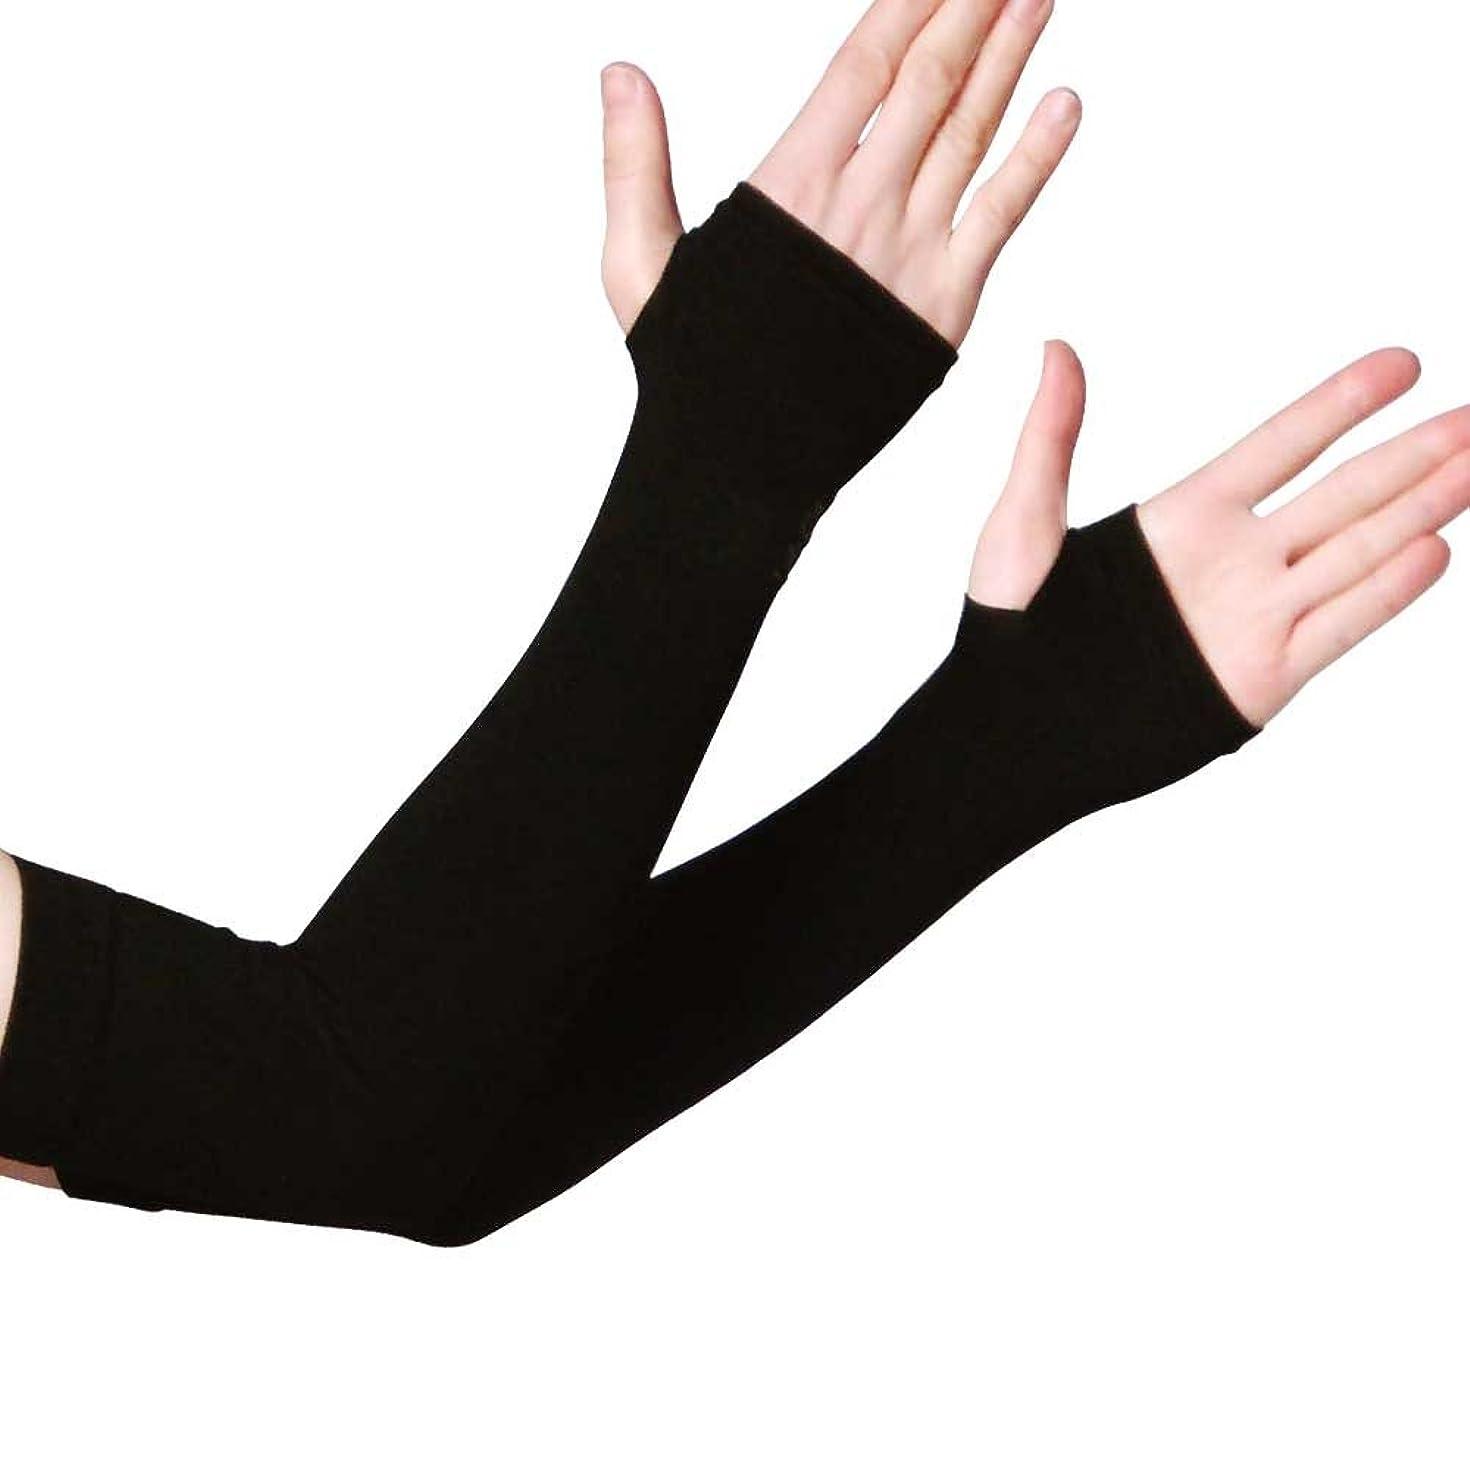 床洞察力のあるアスペクト涼感UVカット アームカバー 紫外線対策 99%カット 日焼け止め 紫外線ダメージ お肌 ガード 定番ブラック 涼感タイプアームカバー (ブラック)